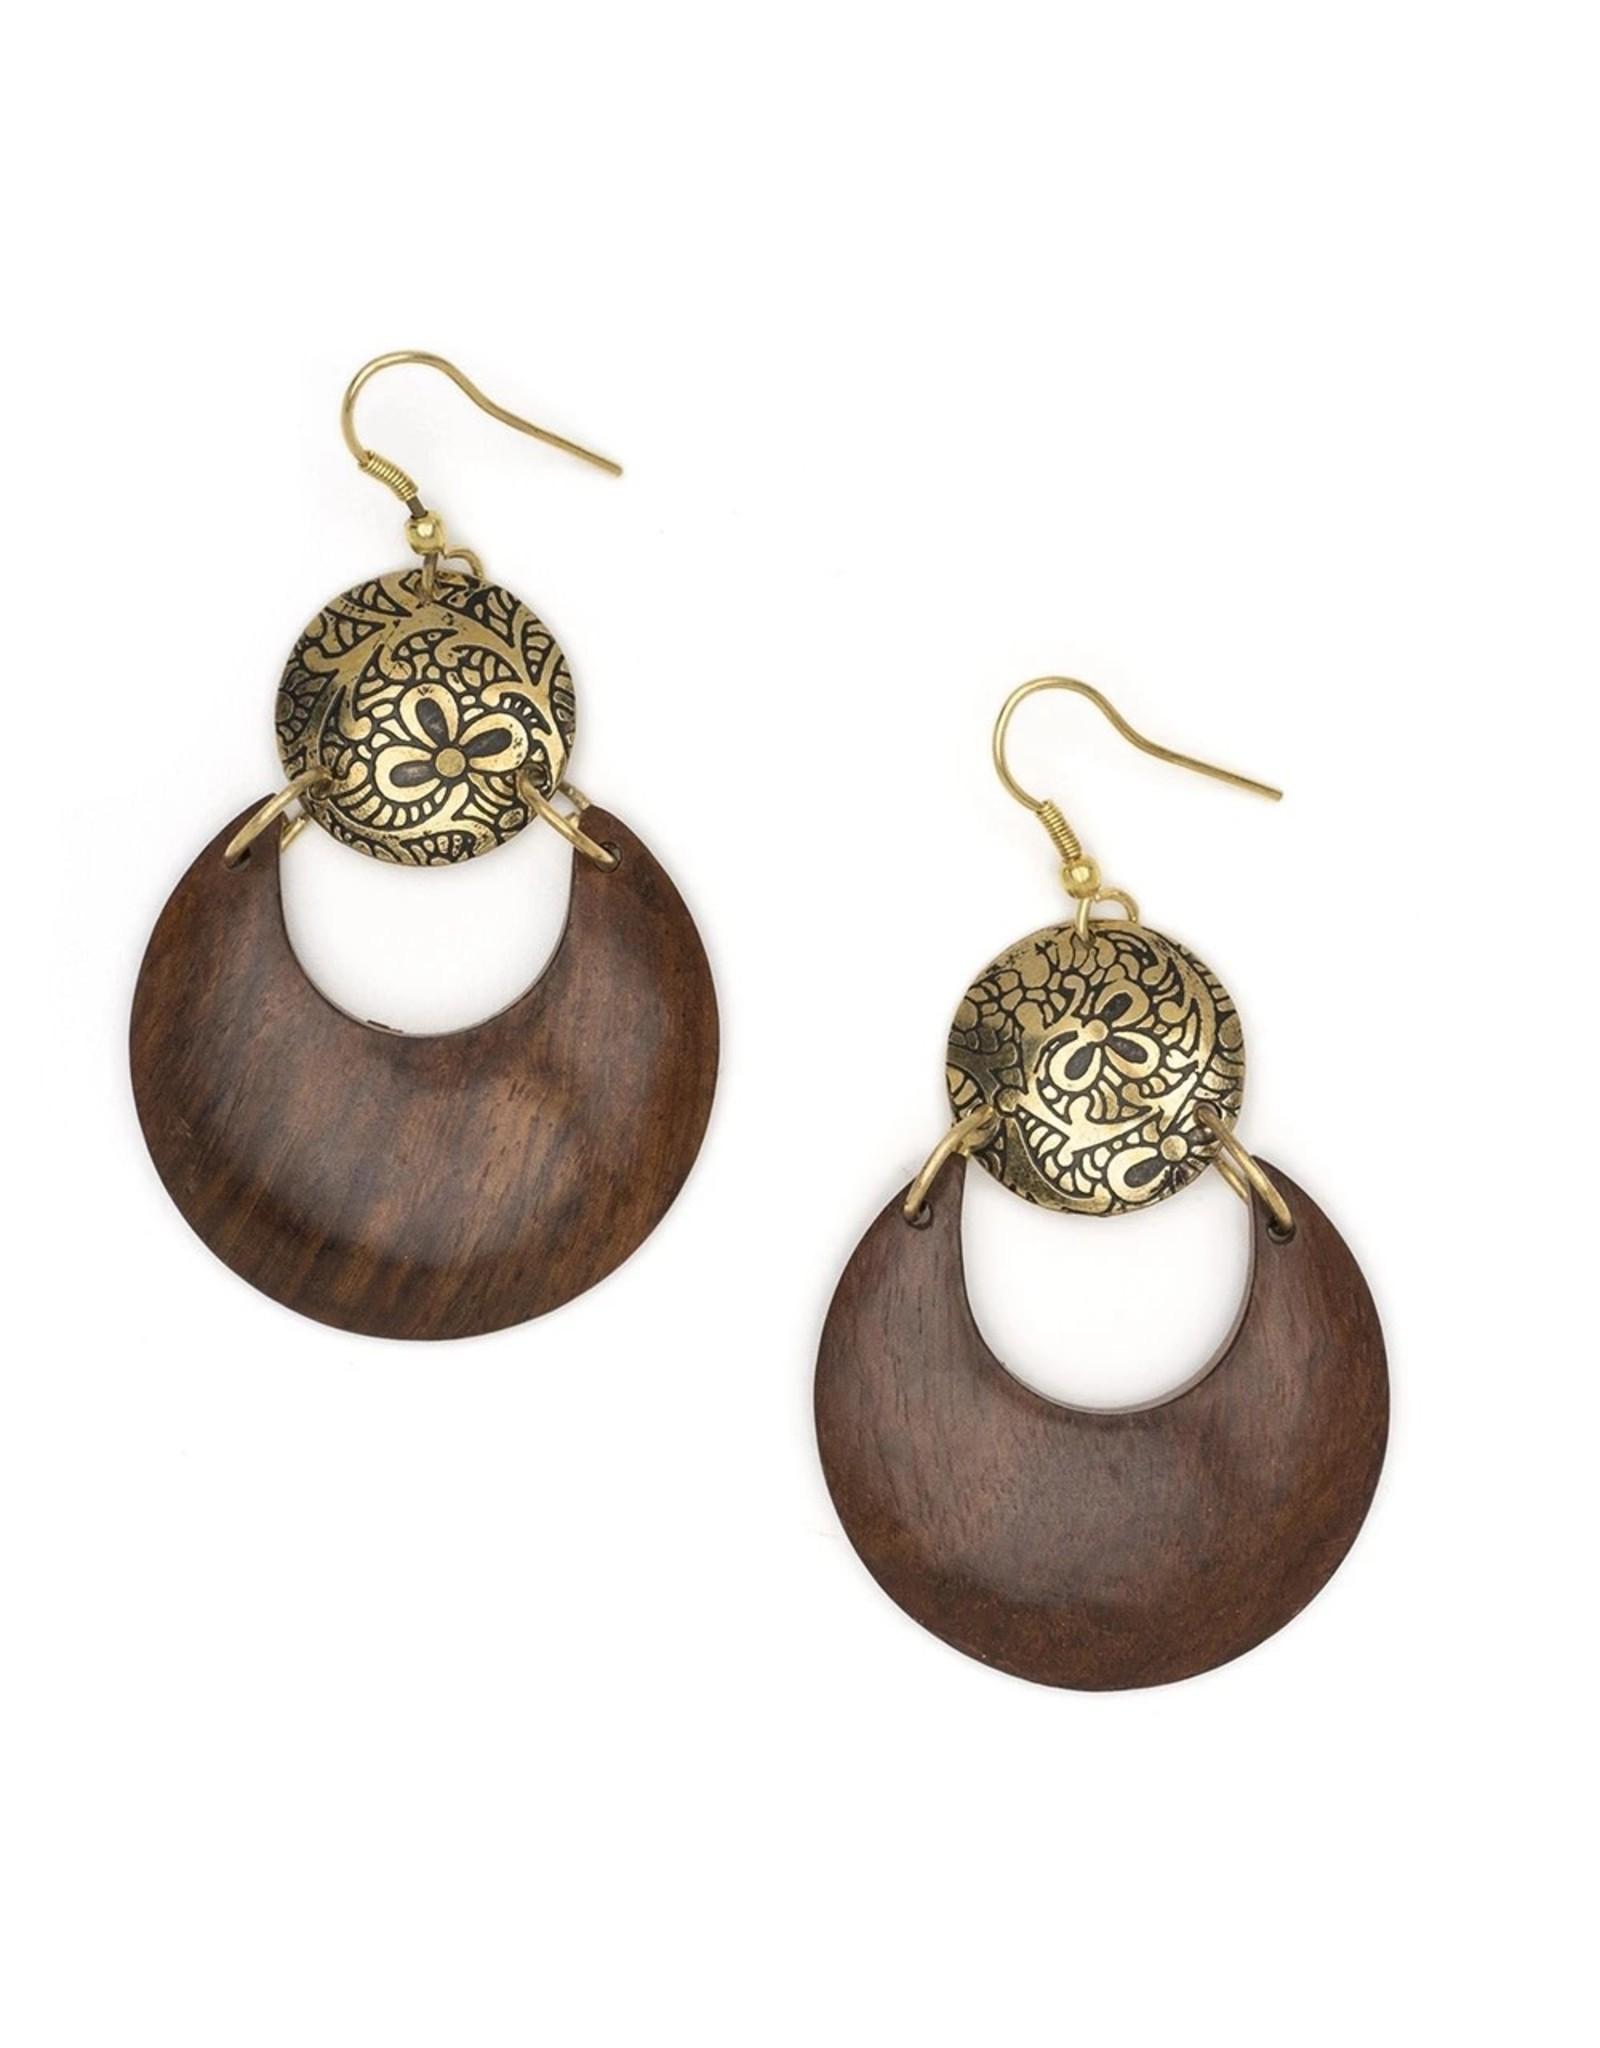 Matr Boomie Lunar Earrings, India